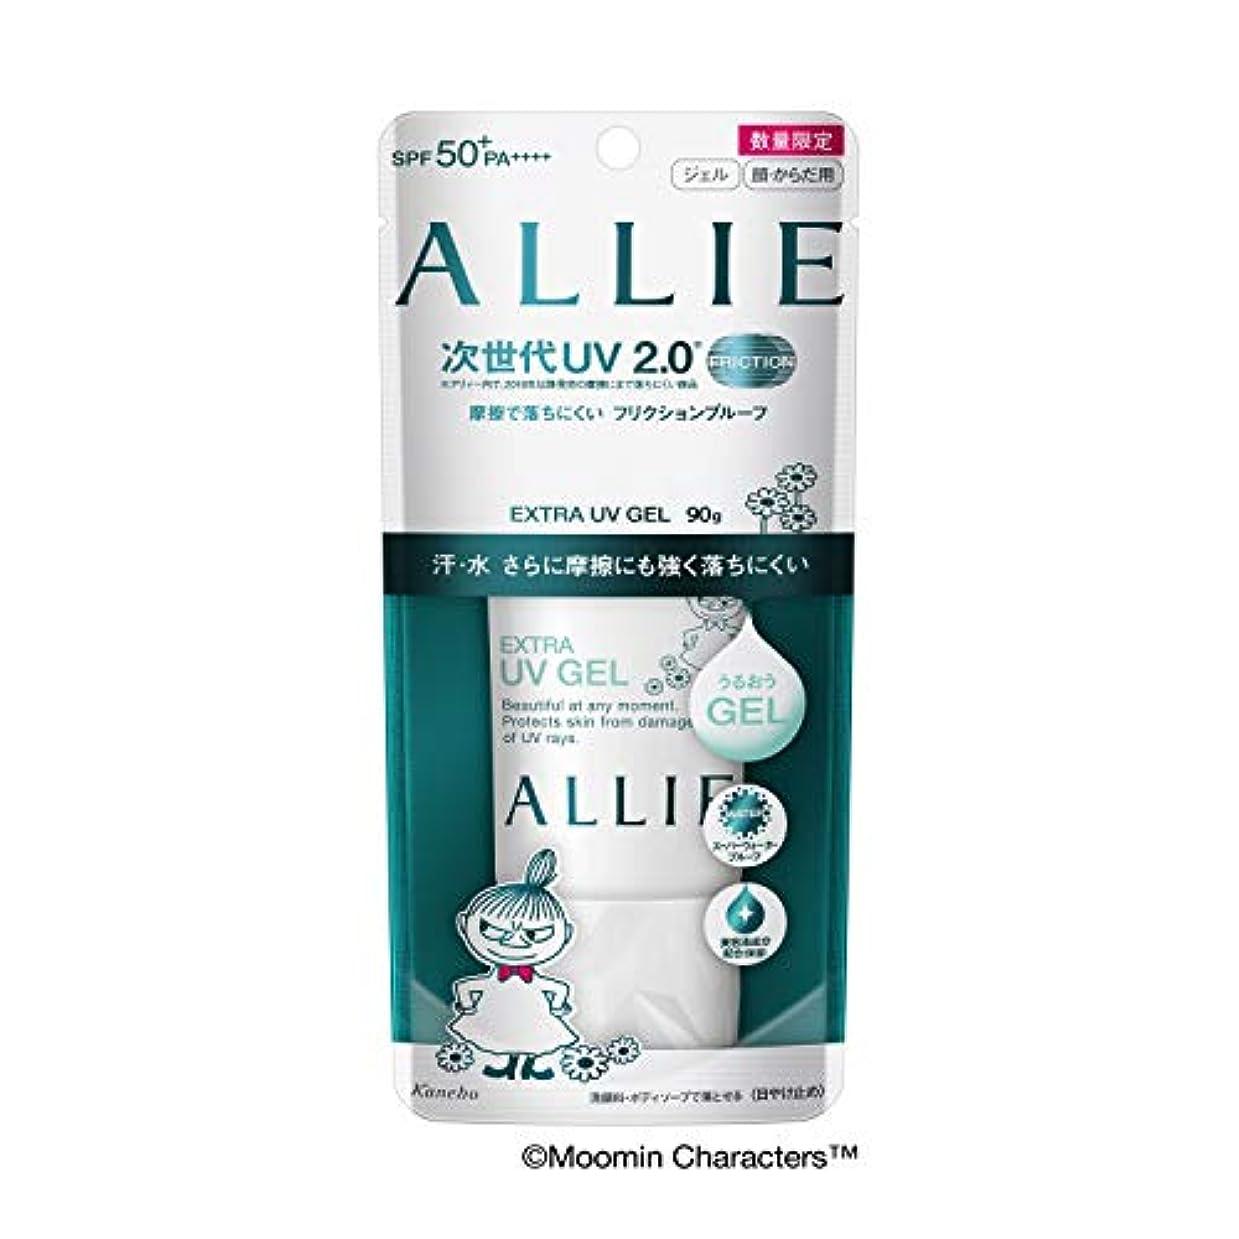 ペンフレンド息を切らして所属ALLIE(アリィー) アリィー エクストラUV ジェル 限定パッケージ 日焼け止め 90g